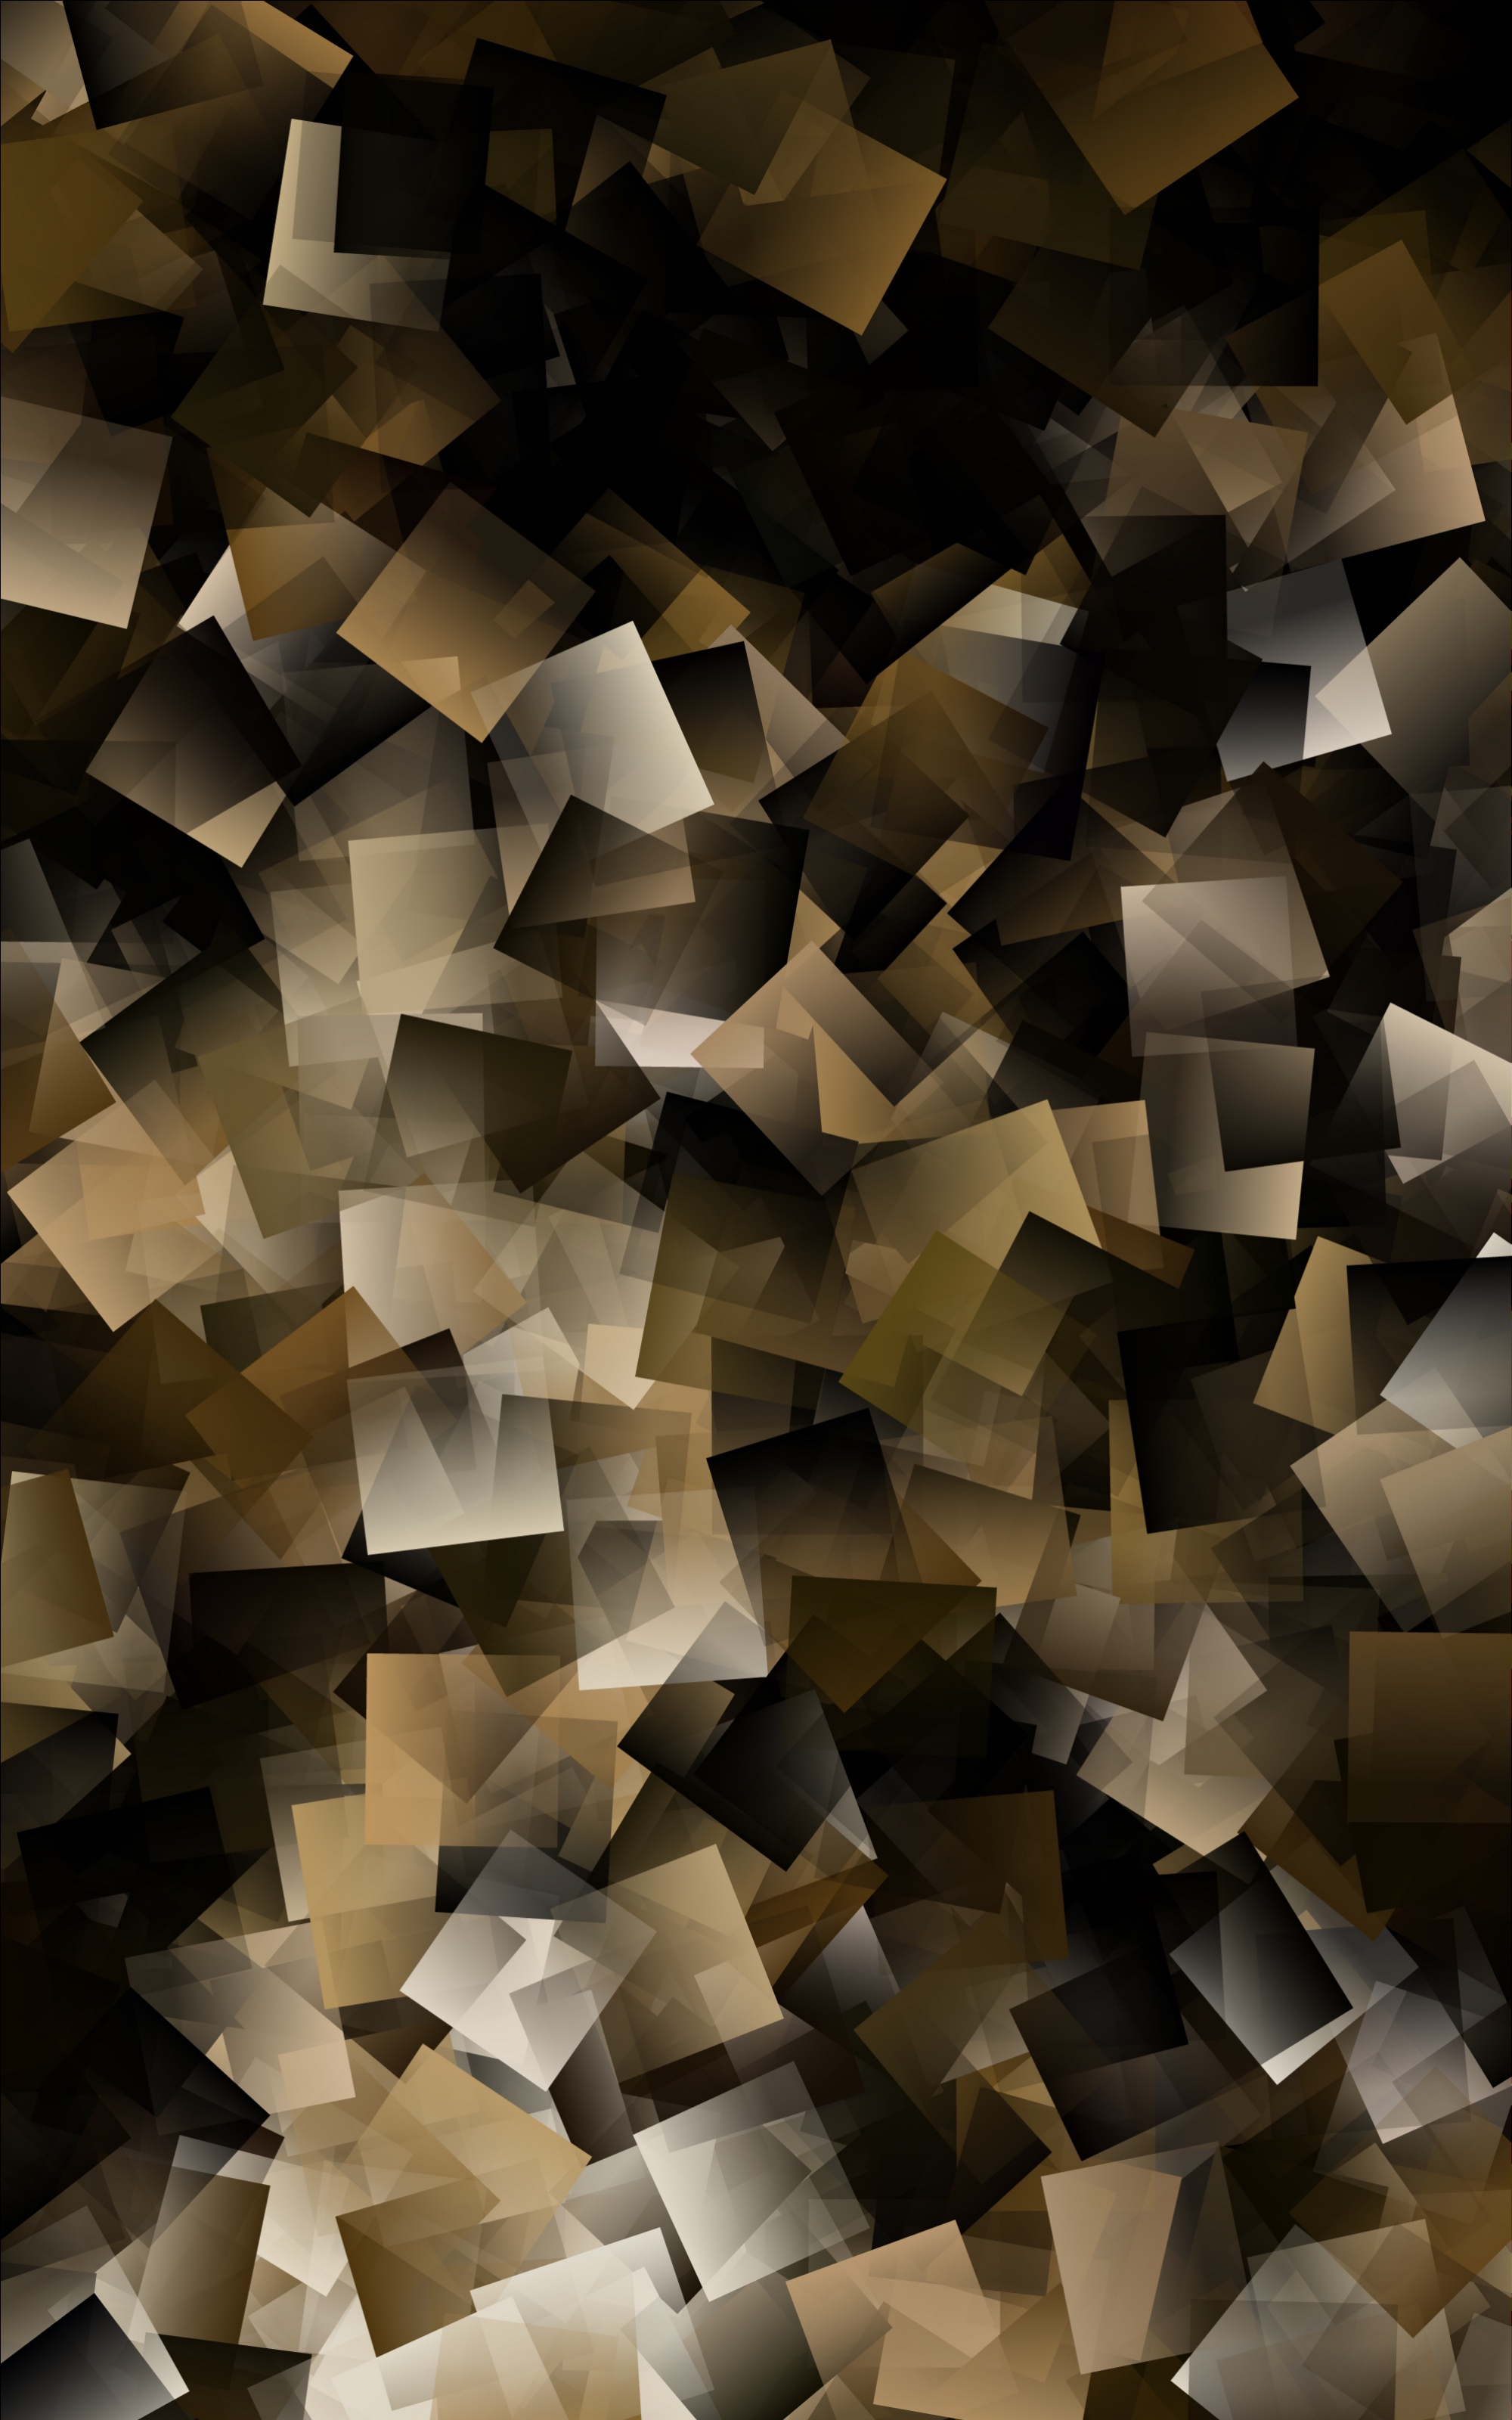 102989 Salvapantallas y fondos de pantalla Texturas en tu teléfono. Descarga imágenes de Texturas, Textura, Cuadrícula, Cuadrados, Cuba, Congestión, Conglomeración, Degradado, Gradiente gratis